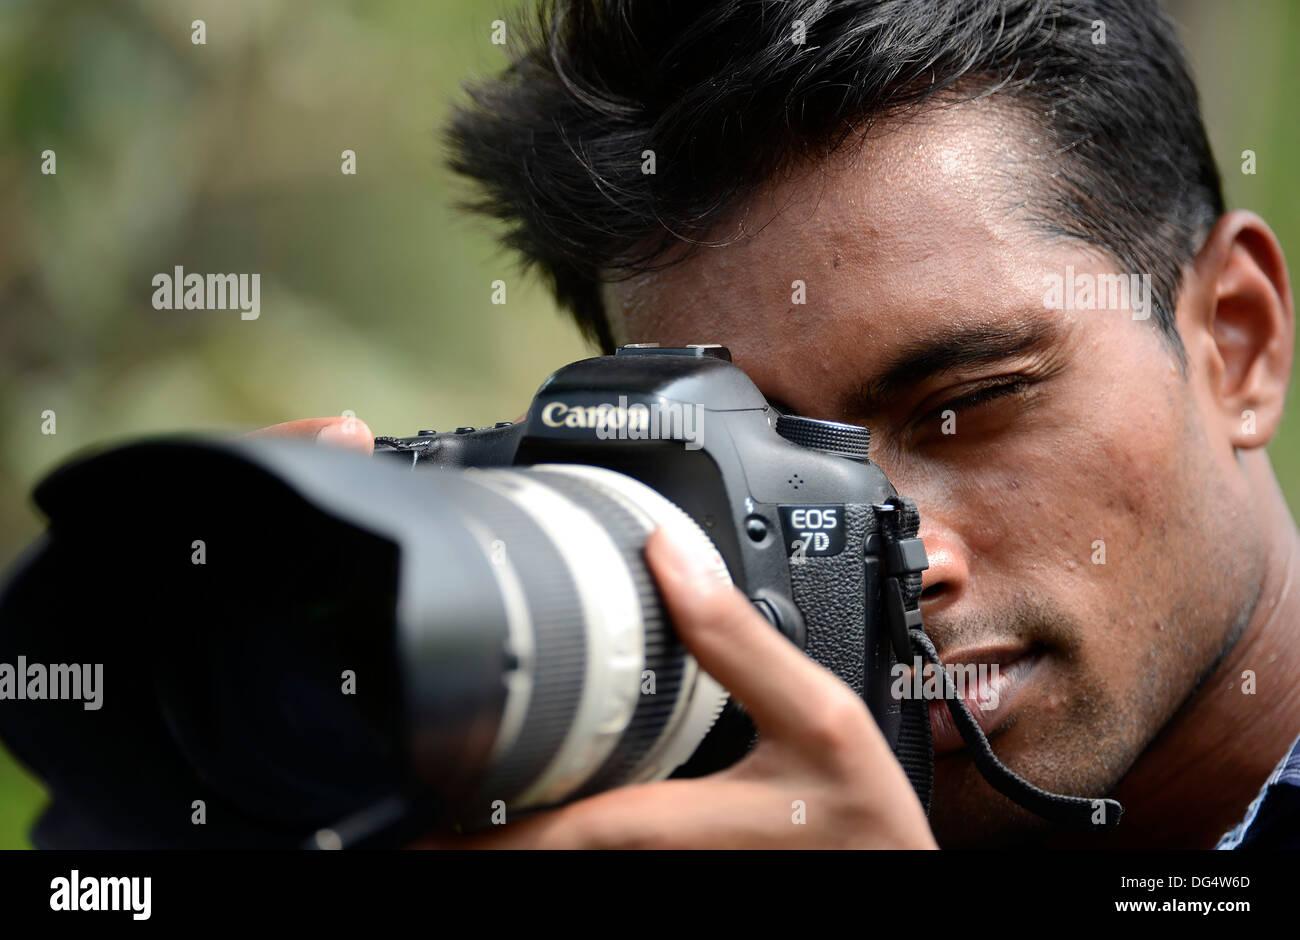 Photographe professionnel, photographe de la faune, d'une caméra et de tir objectif,Jeune Adulte,Inde,étudiant Photo Stock